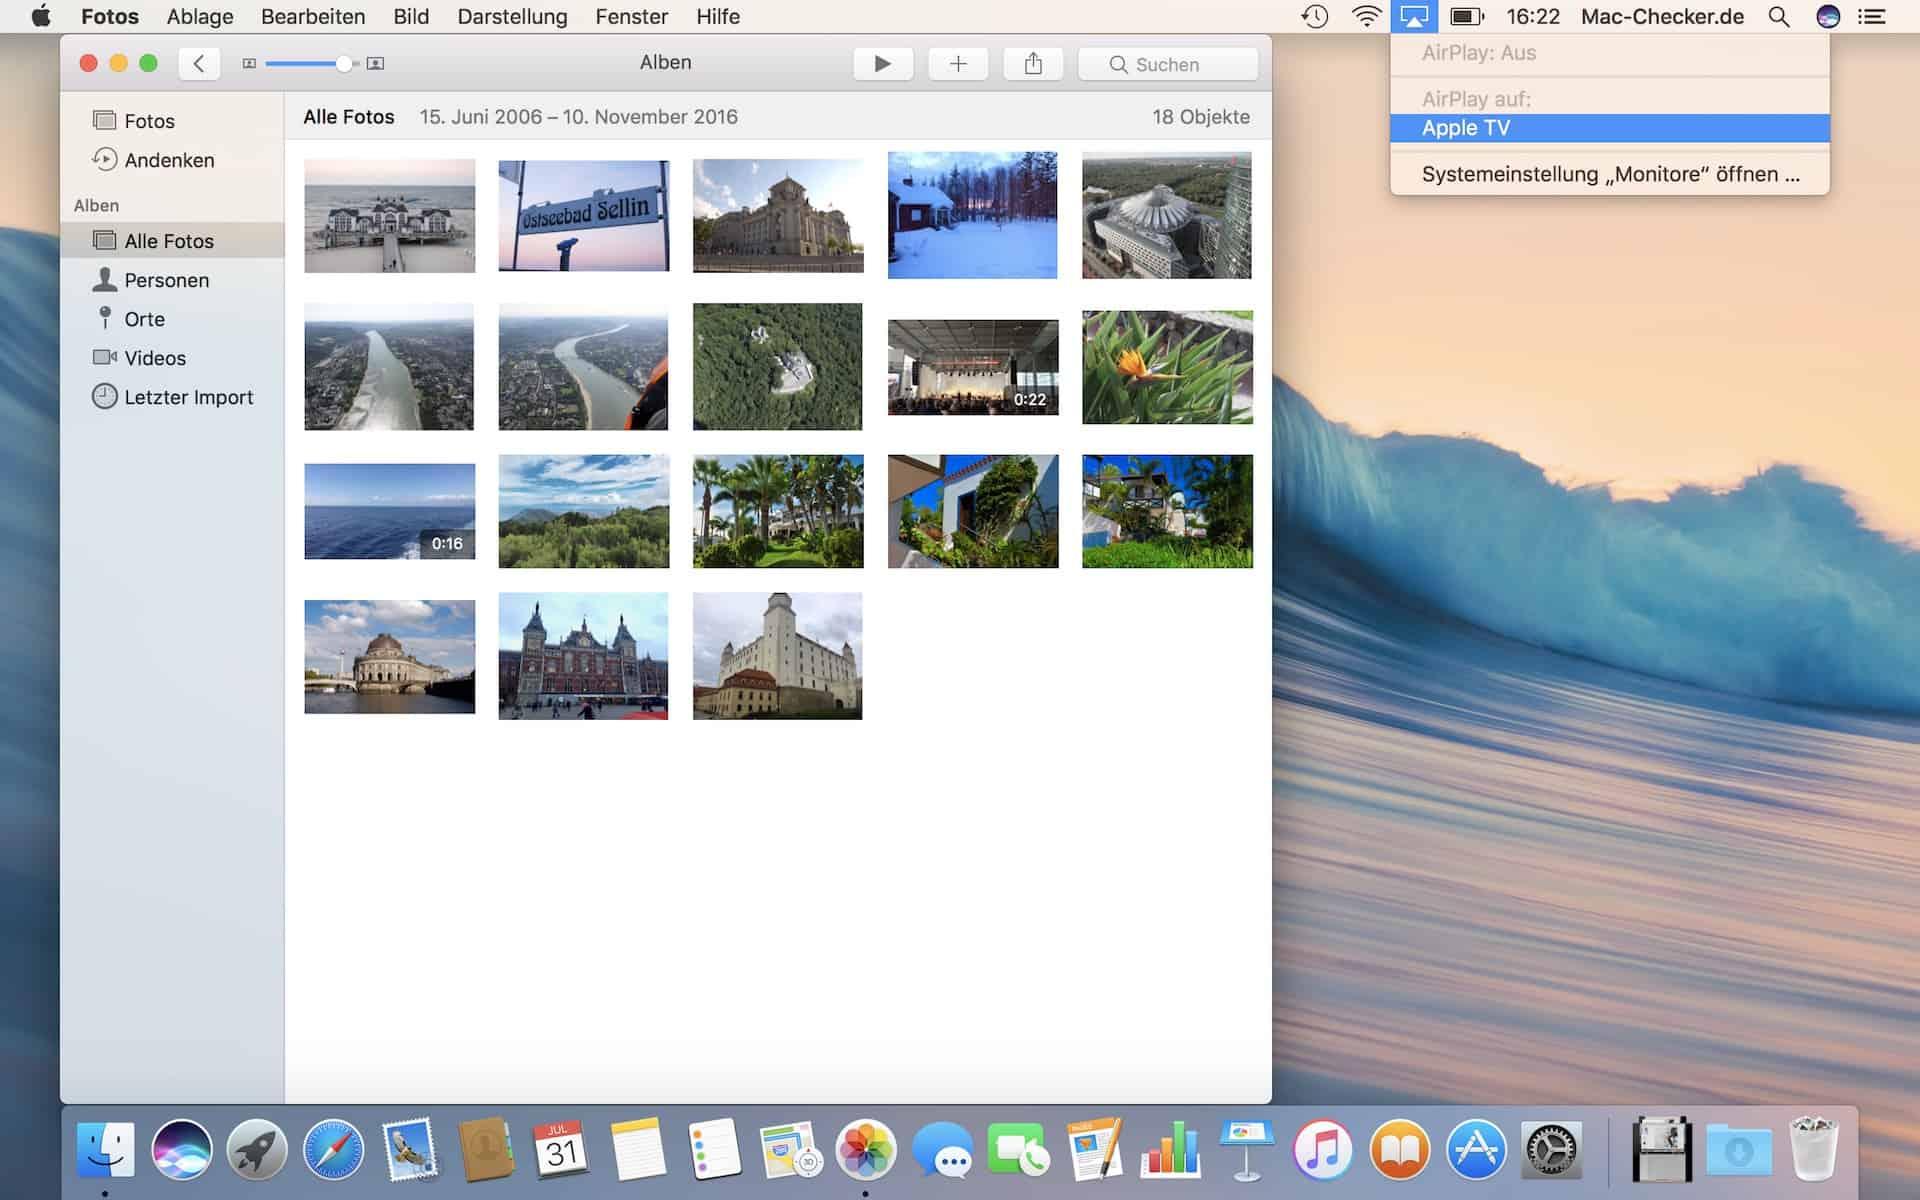 Übertrage beliebige Inhalte live mittels AirPlay und Apple TV an einen Fernseher (Fotos, Diashows, Videos, Musik oder den ganzen Bildschirm).